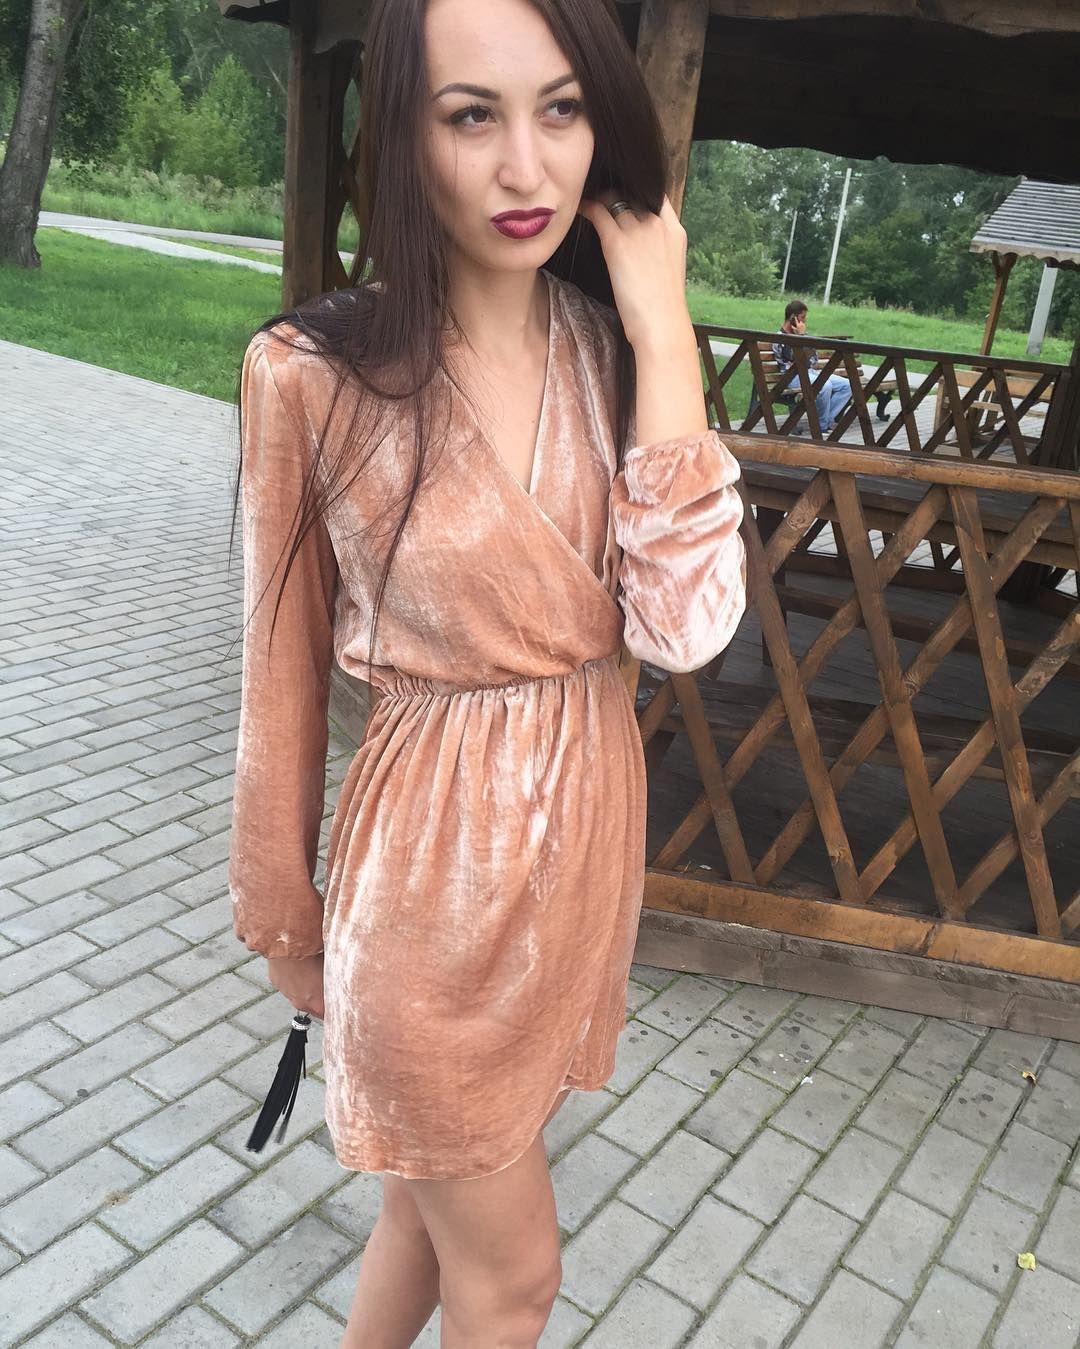 c130dd97bd4 Бархатное платье  ЯiiR  осень2016  стиль  вналичии  москва  новосибирск   мода2016